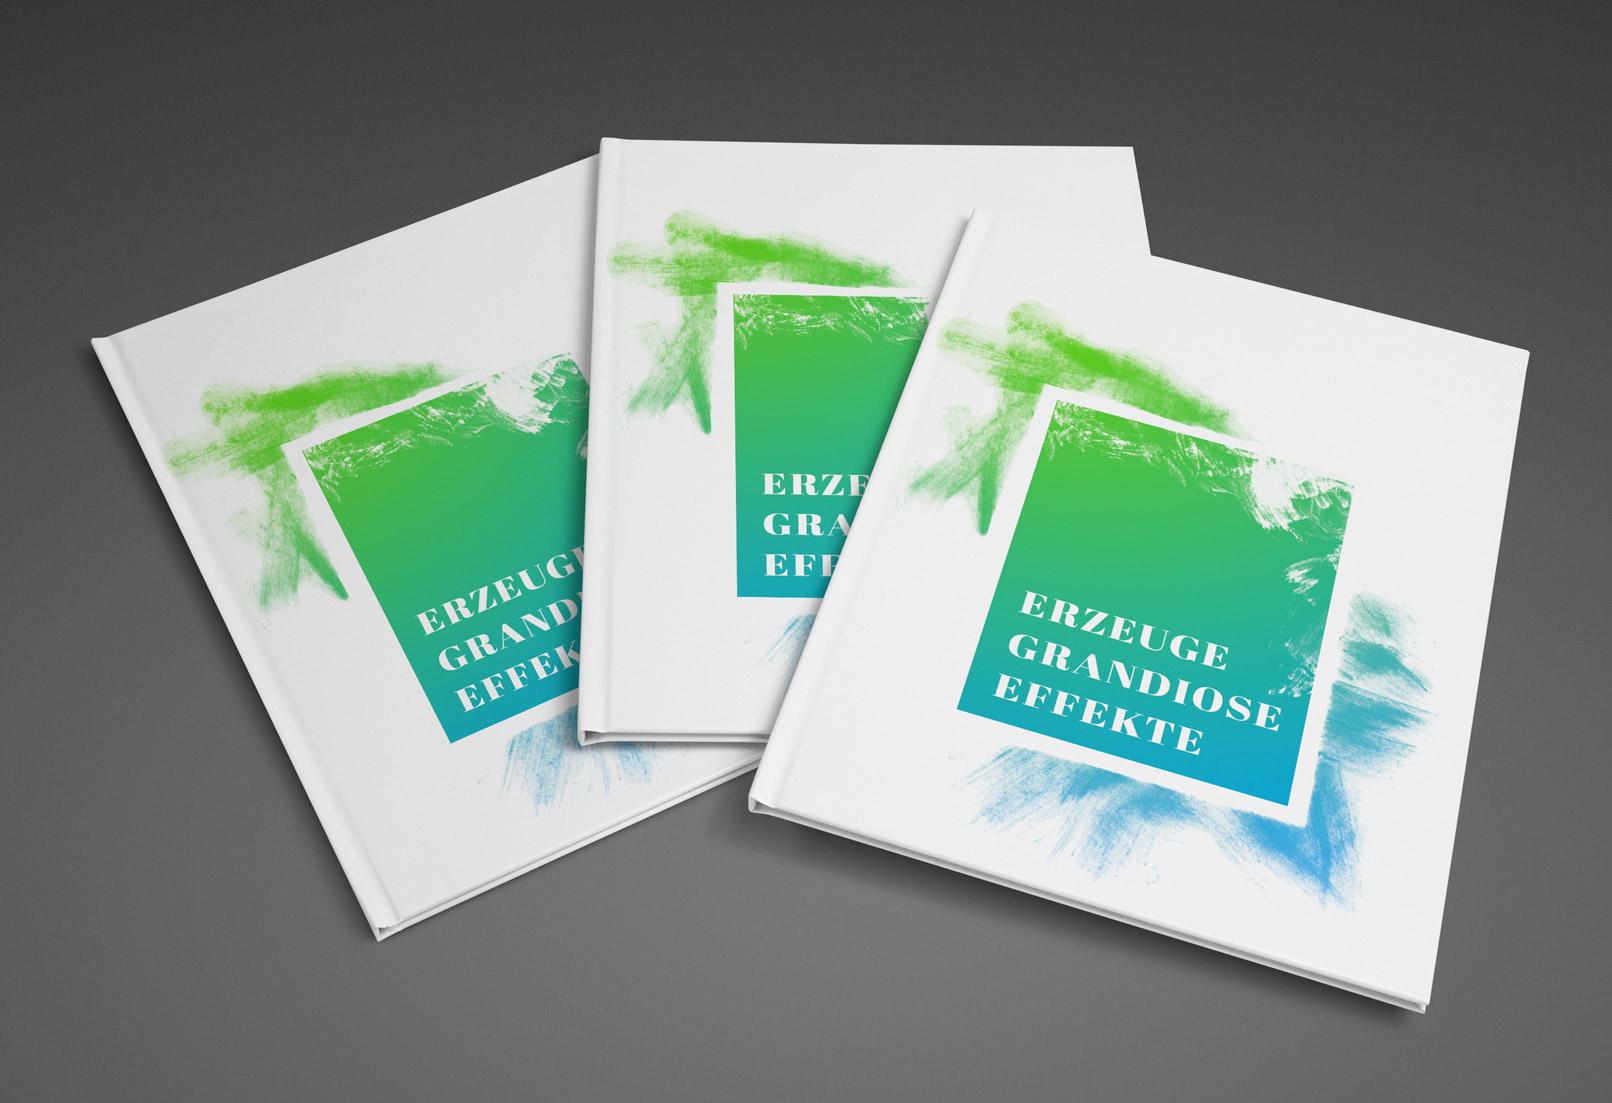 Titelblatt einer Broschüre, das mit Grunge-Effekten versehen wurde.